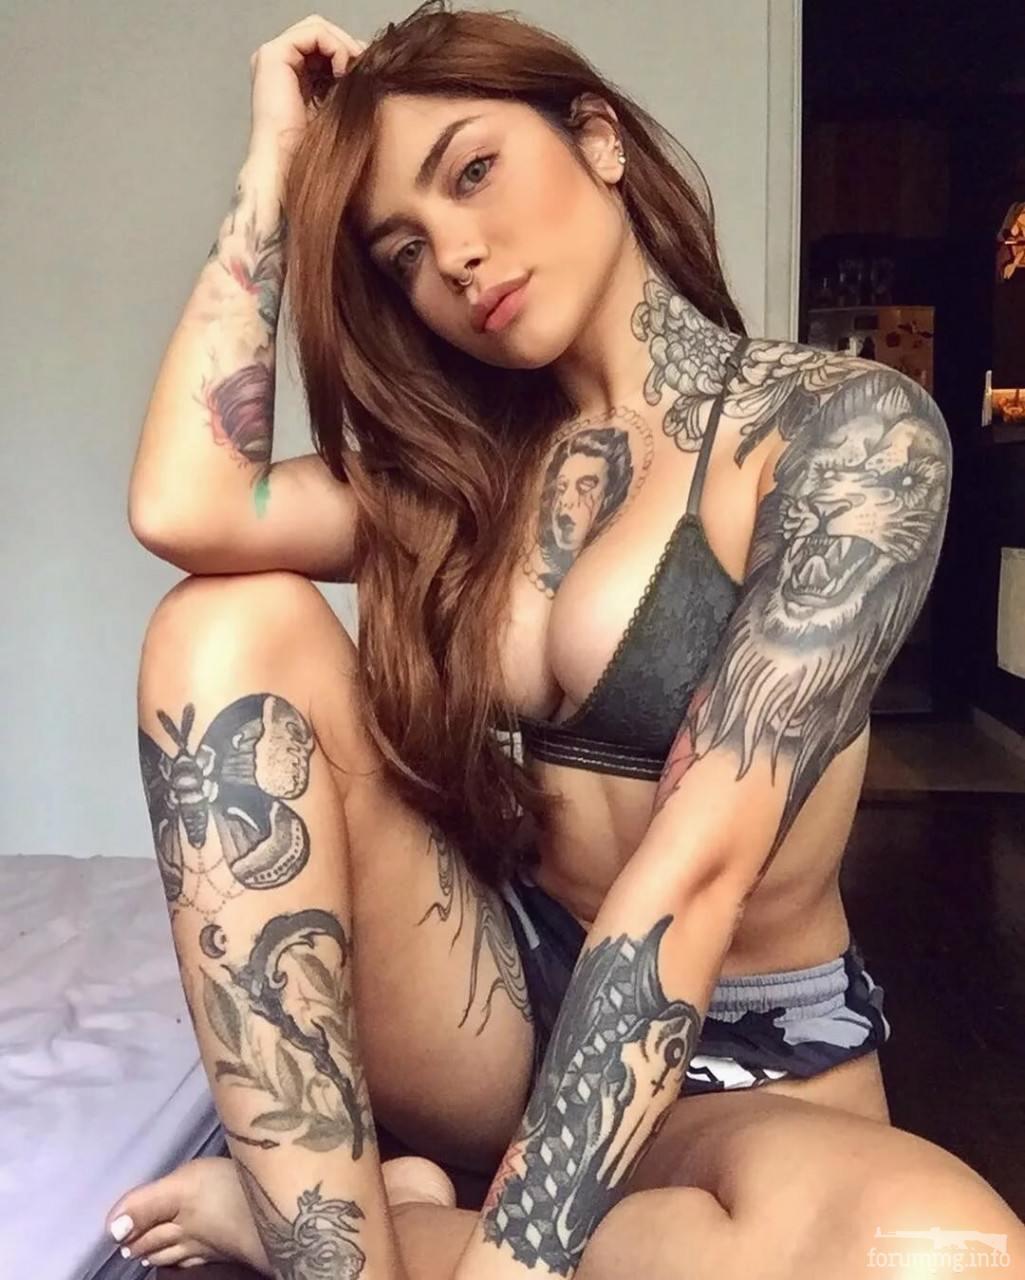 117354 - Татуировки